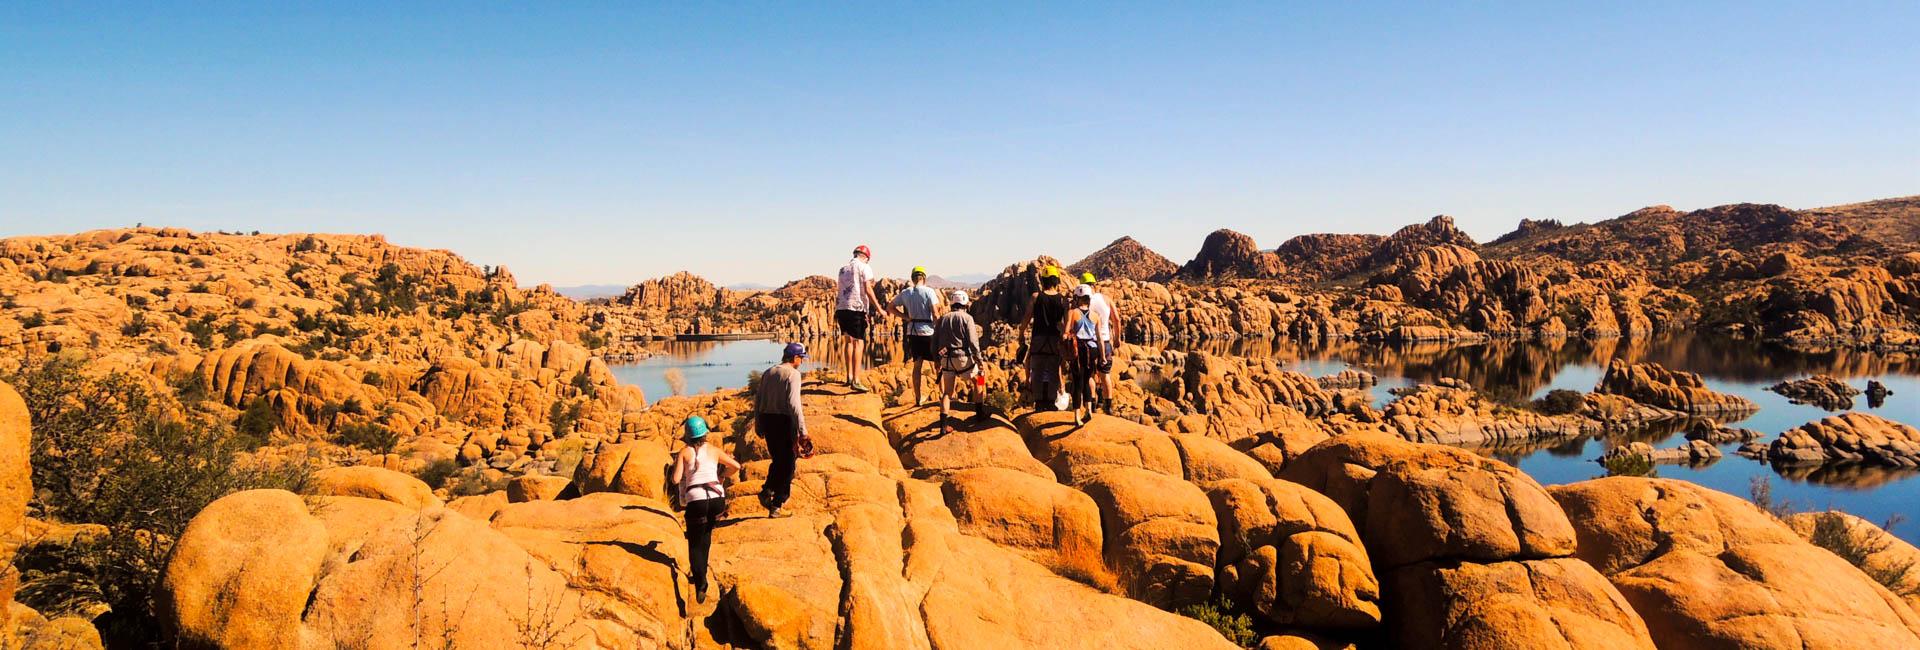 Climbing in Granite Dells